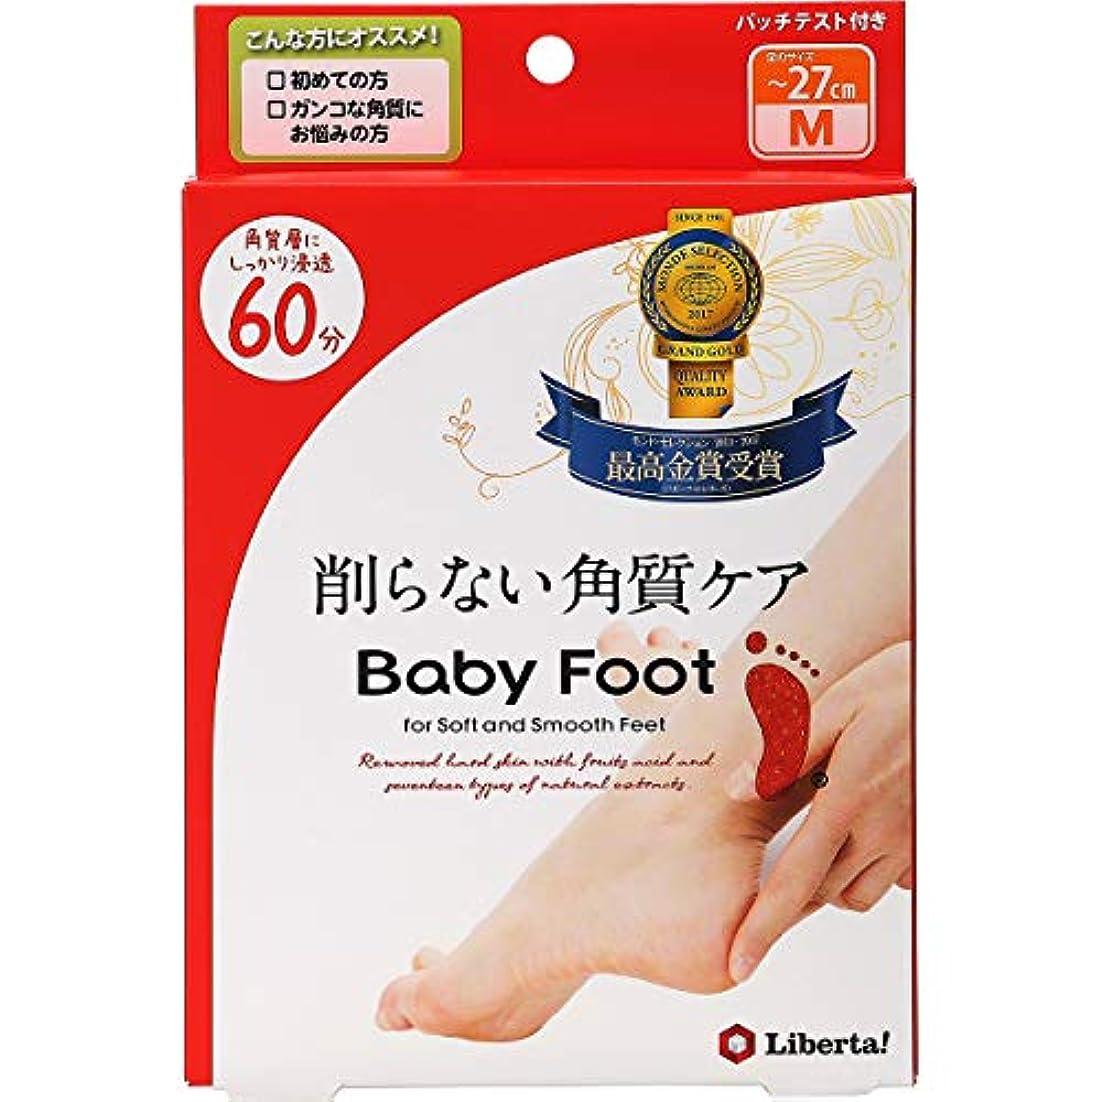 修正治世和らげるベビーフット (Baby Foot) ベビーフット イージーパック SPT60分タイプ Mサイズ 単品